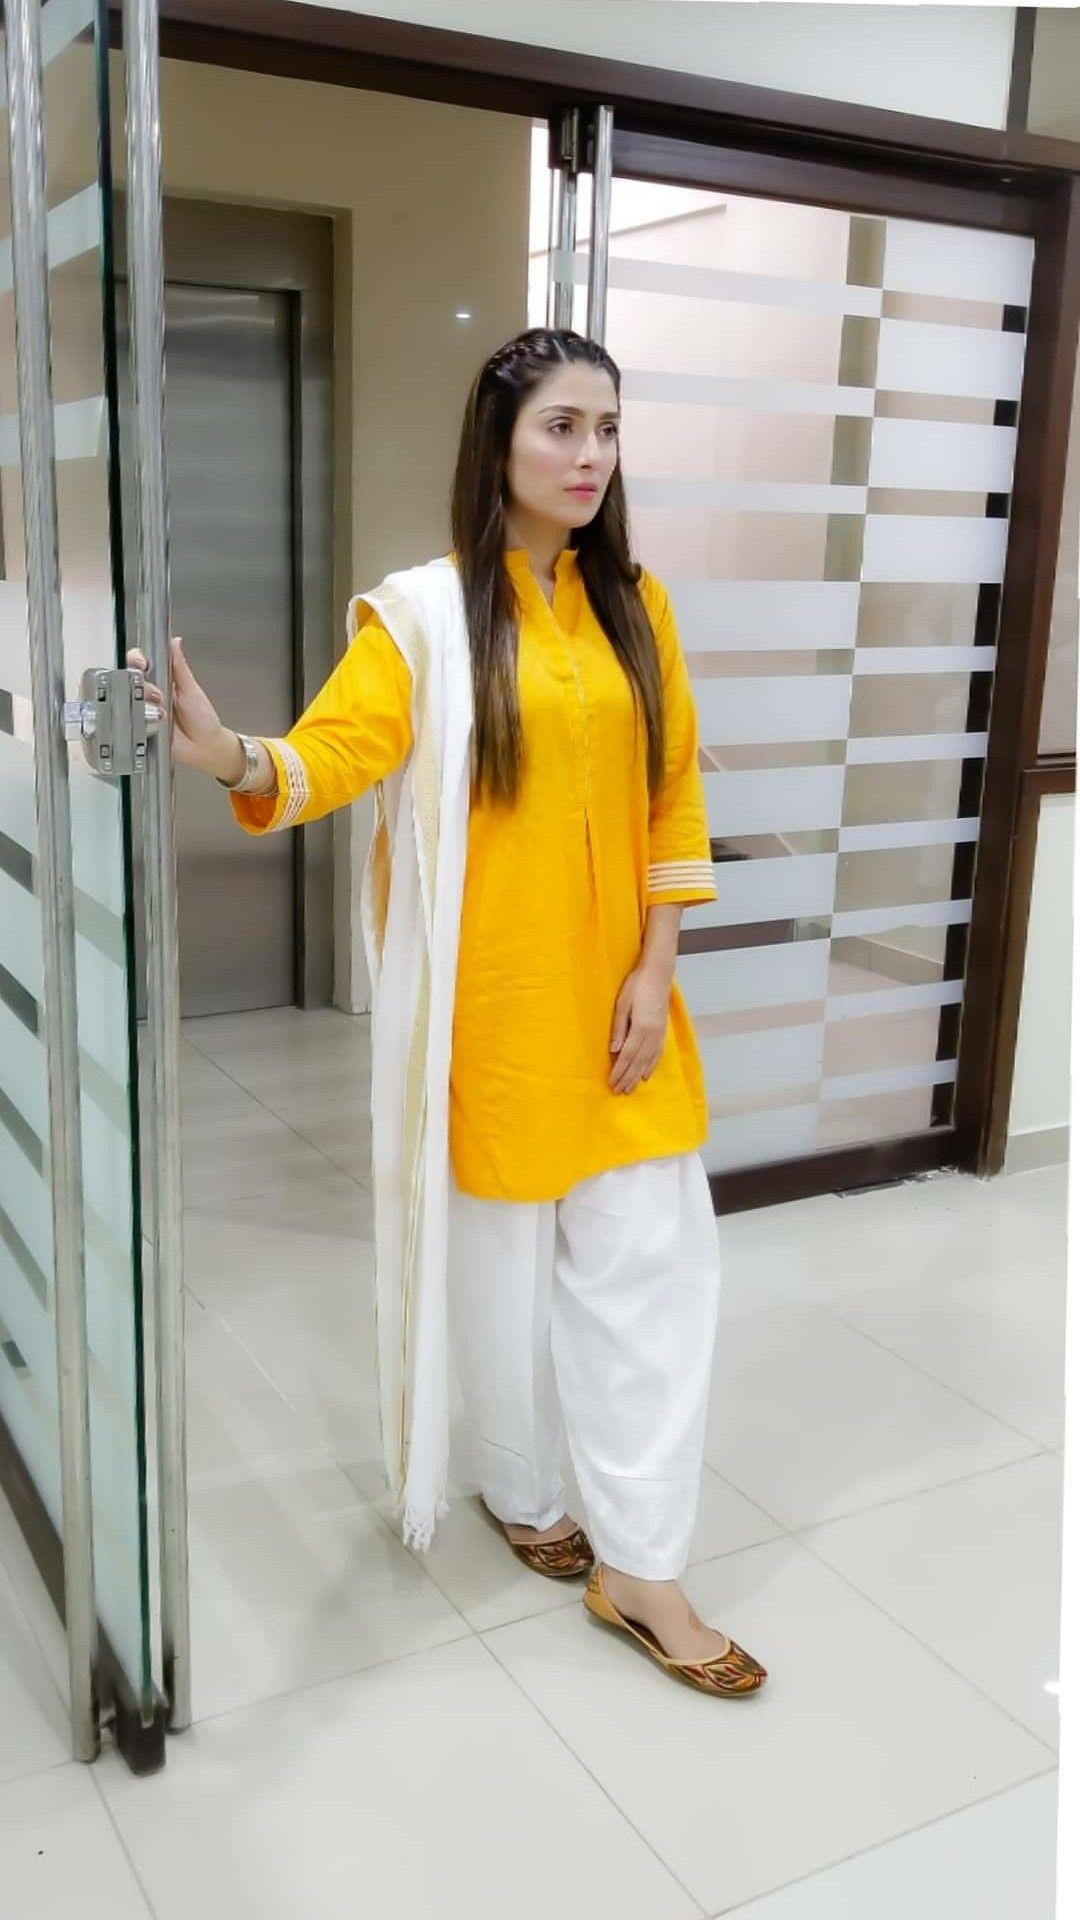 Pin By Fahad On Pakistani Celebrities Pakistani Fashion Party Wear Stylish Dress Designs Stylish Dresses For Girls [ 1920 x 1080 Pixel ]